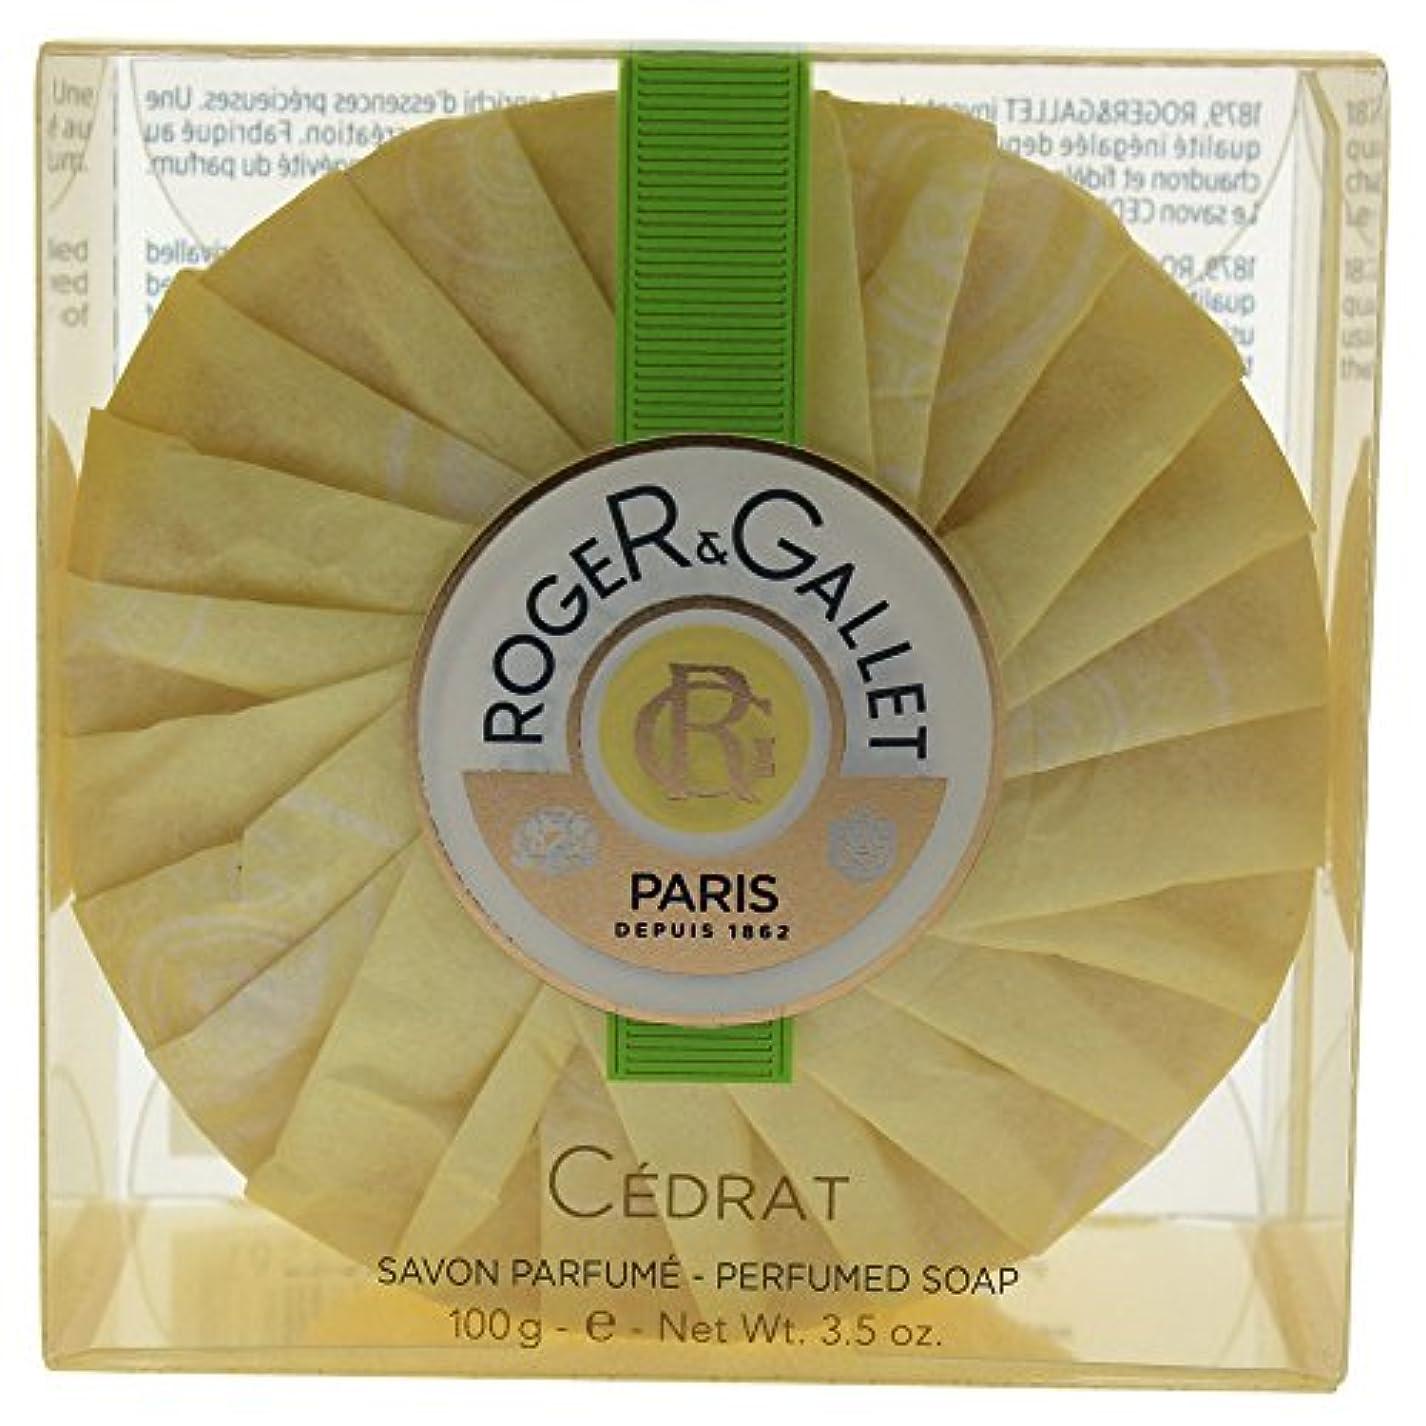 フクロウ葉を拾う小学生ロジェガレ セドラ パフュームド ソープ 100g 並行輸入品